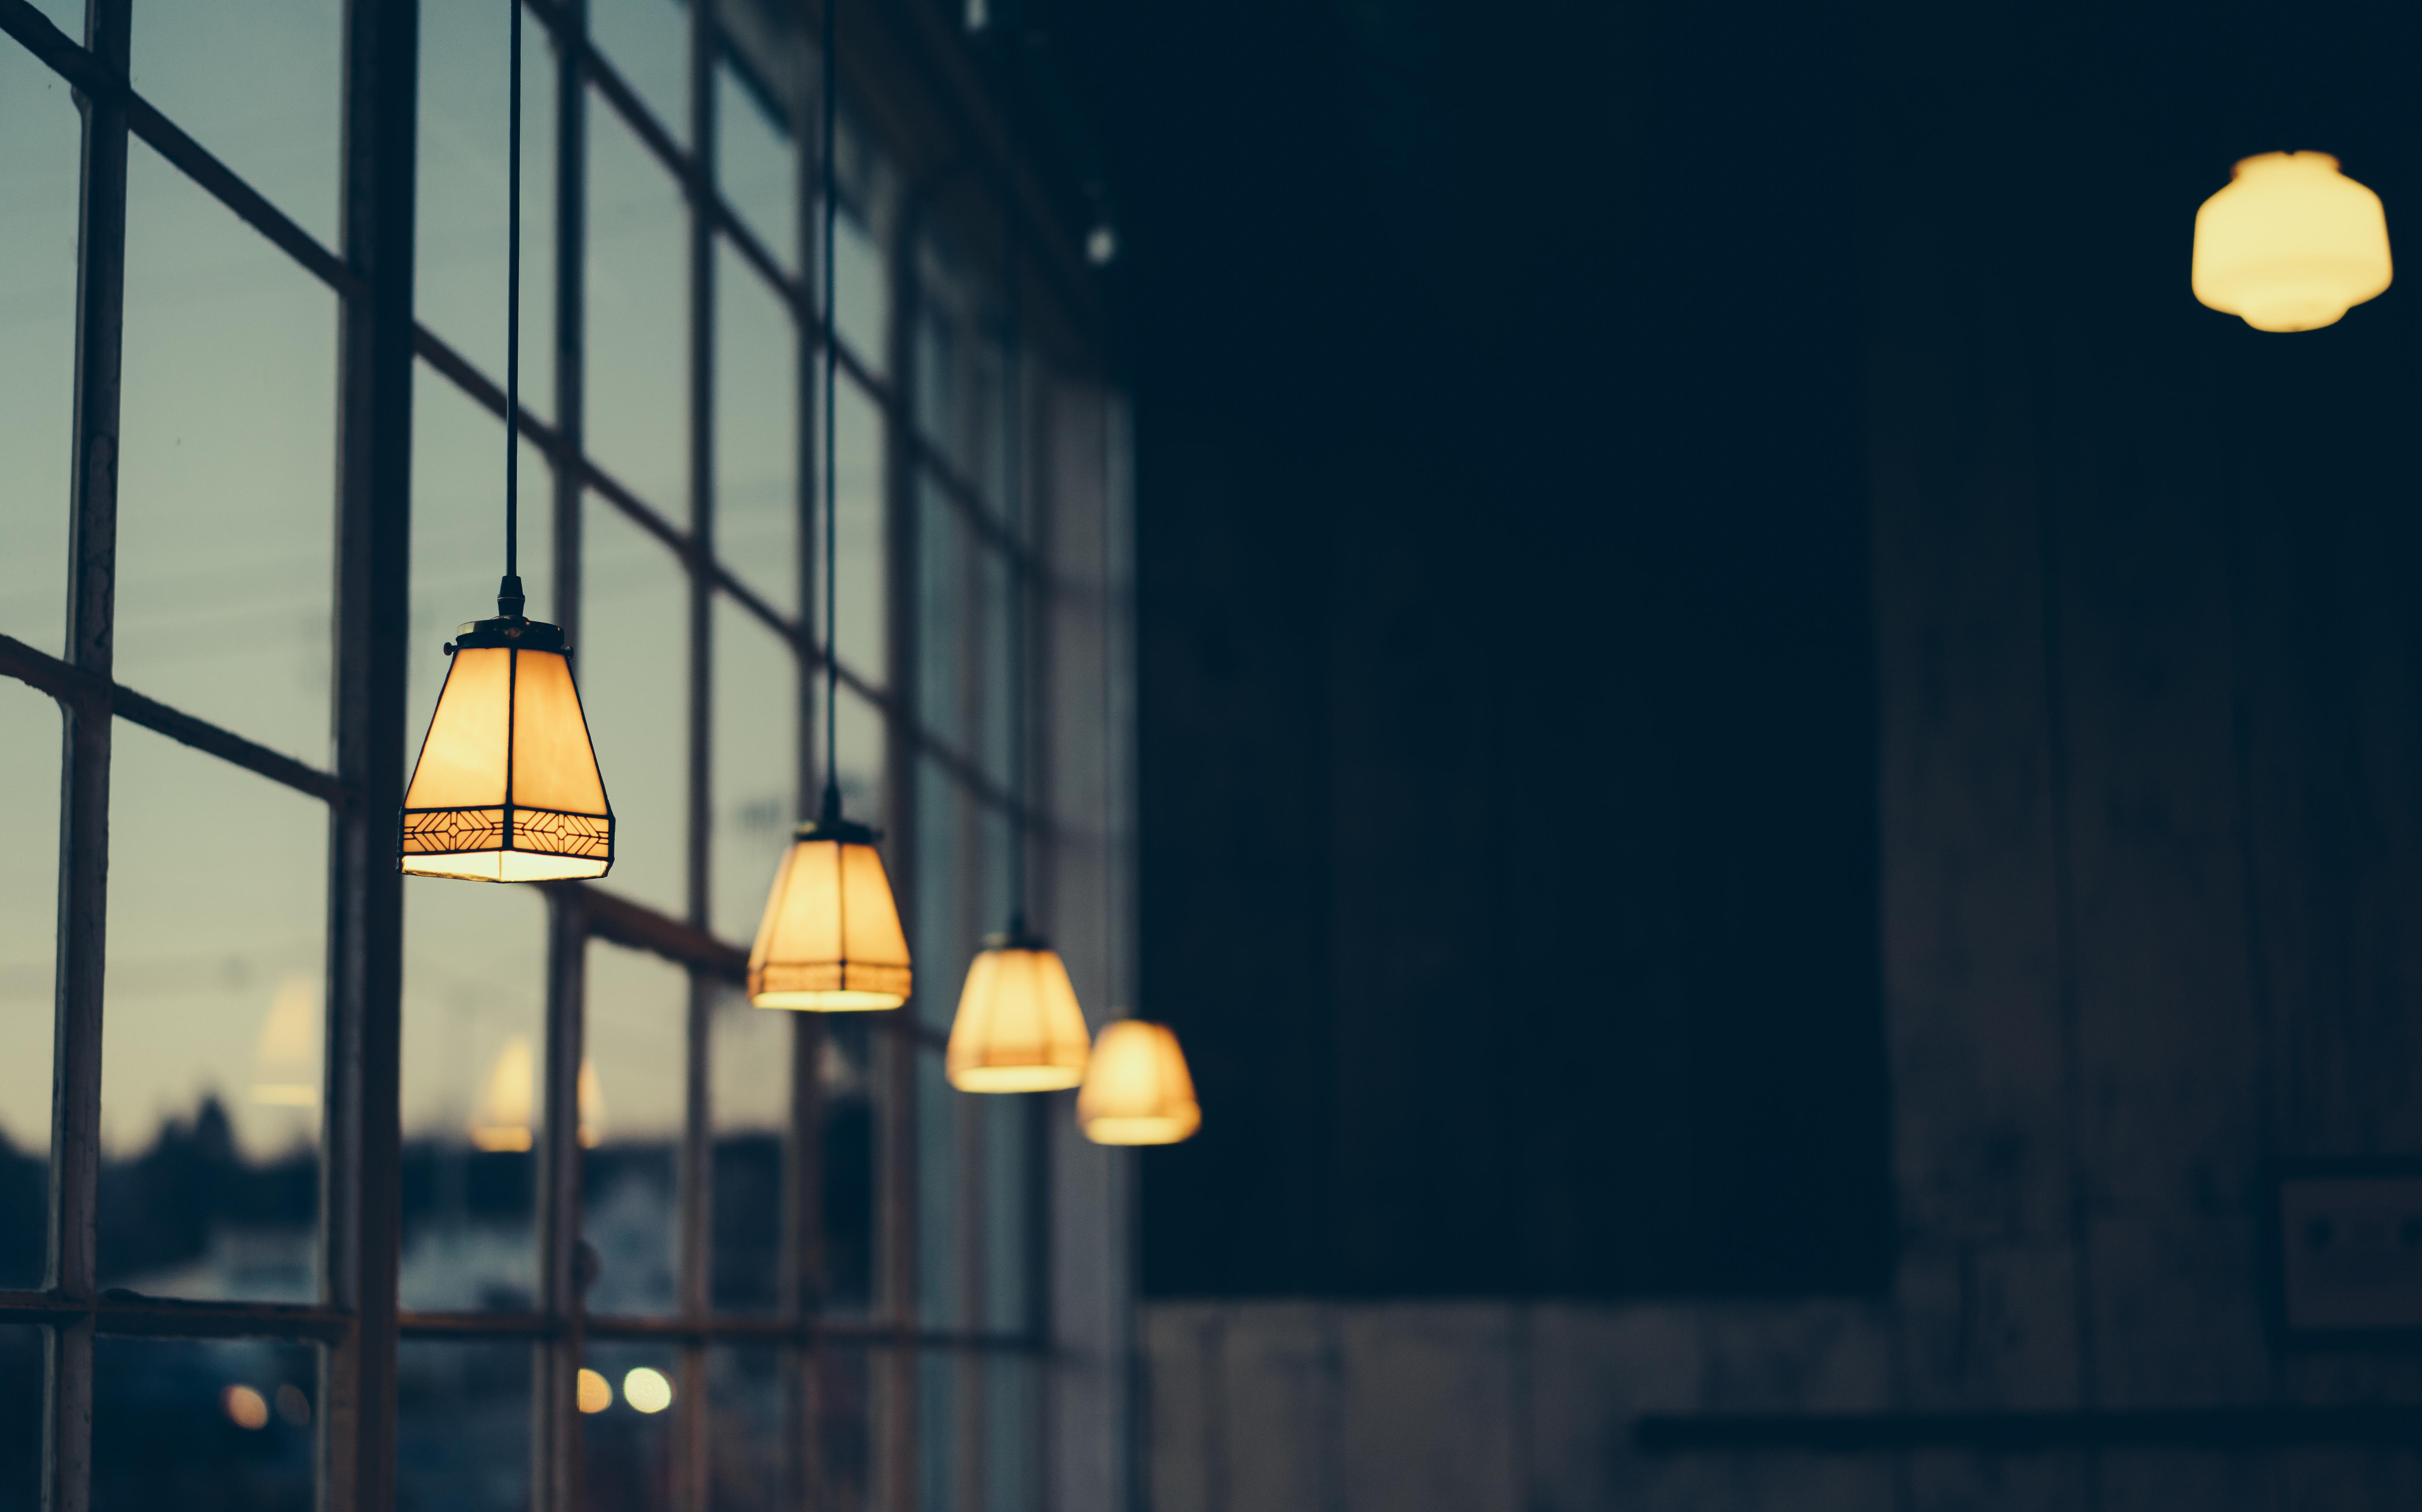 Lampen Zijn Onmisbaar In Elk Huishouden. Je Hebt Bij Elke Lampenaanbieder  De Keuze Uit Een Ruim Assortiment. Lampen Zijn Er Namelijk In Alle Soorten  En ...